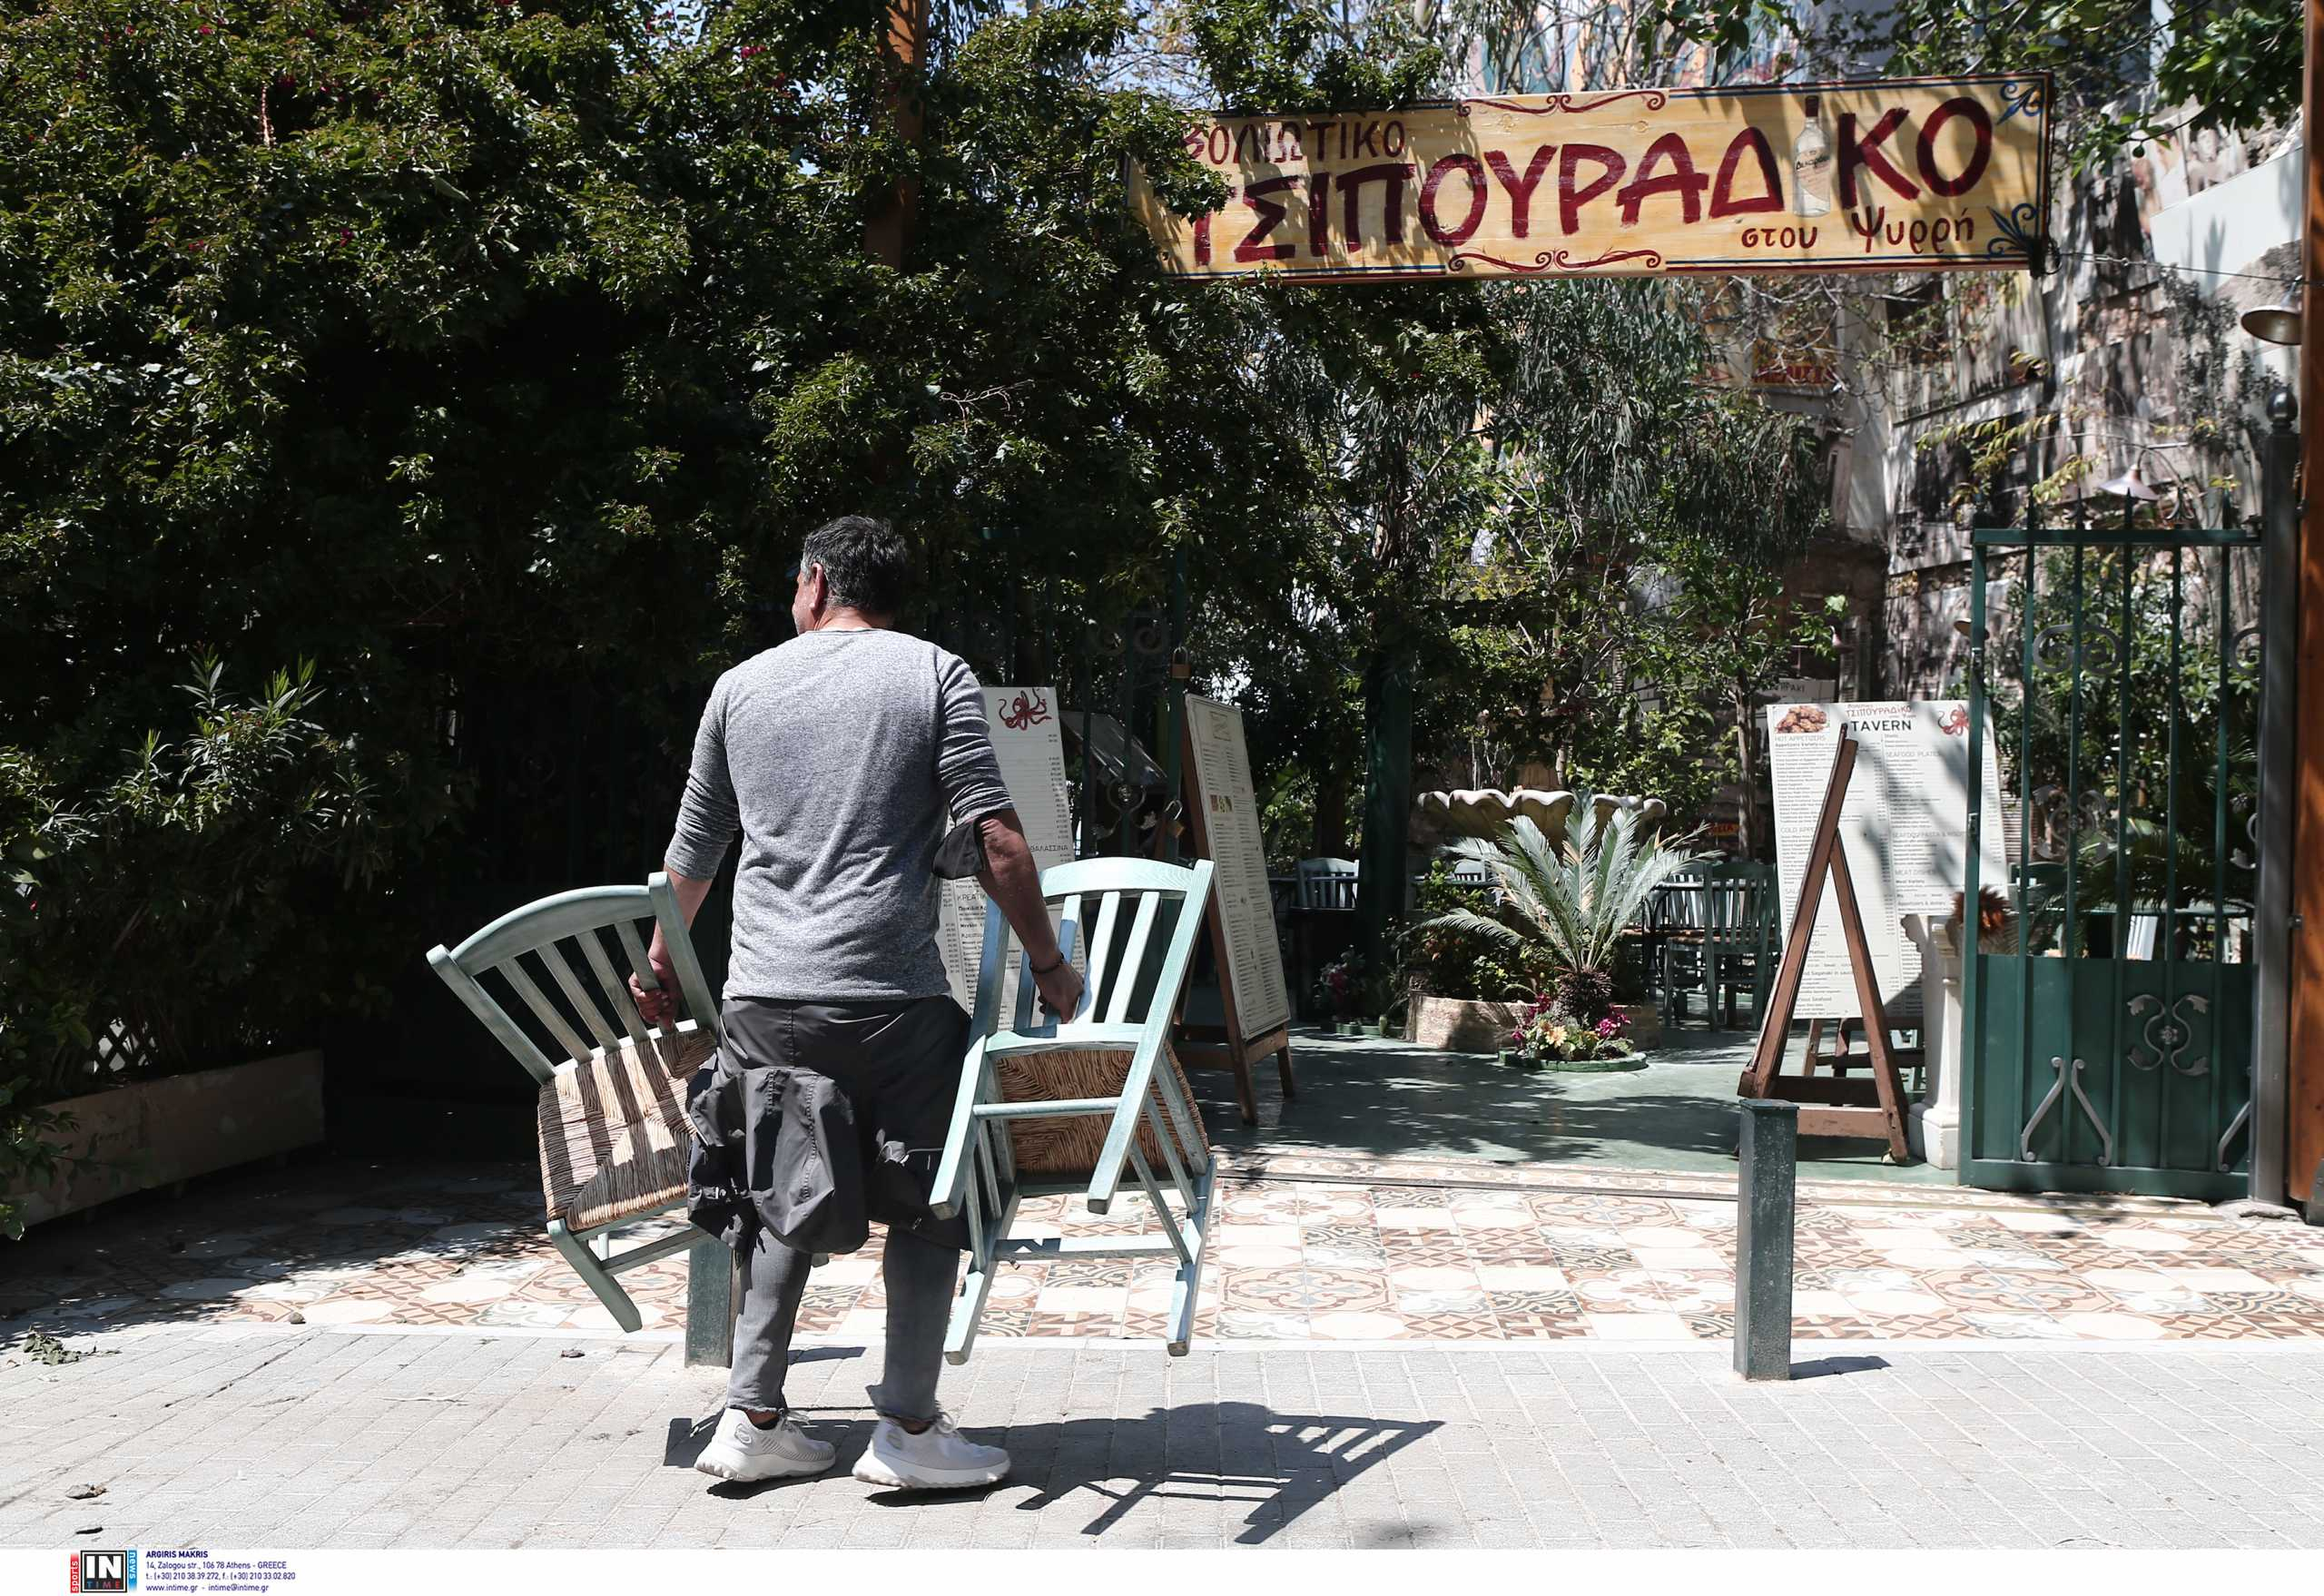 Βασιλακόπουλος: Γιατί απαγορεύθηκε η μουσική σε εστίαση και καφέ